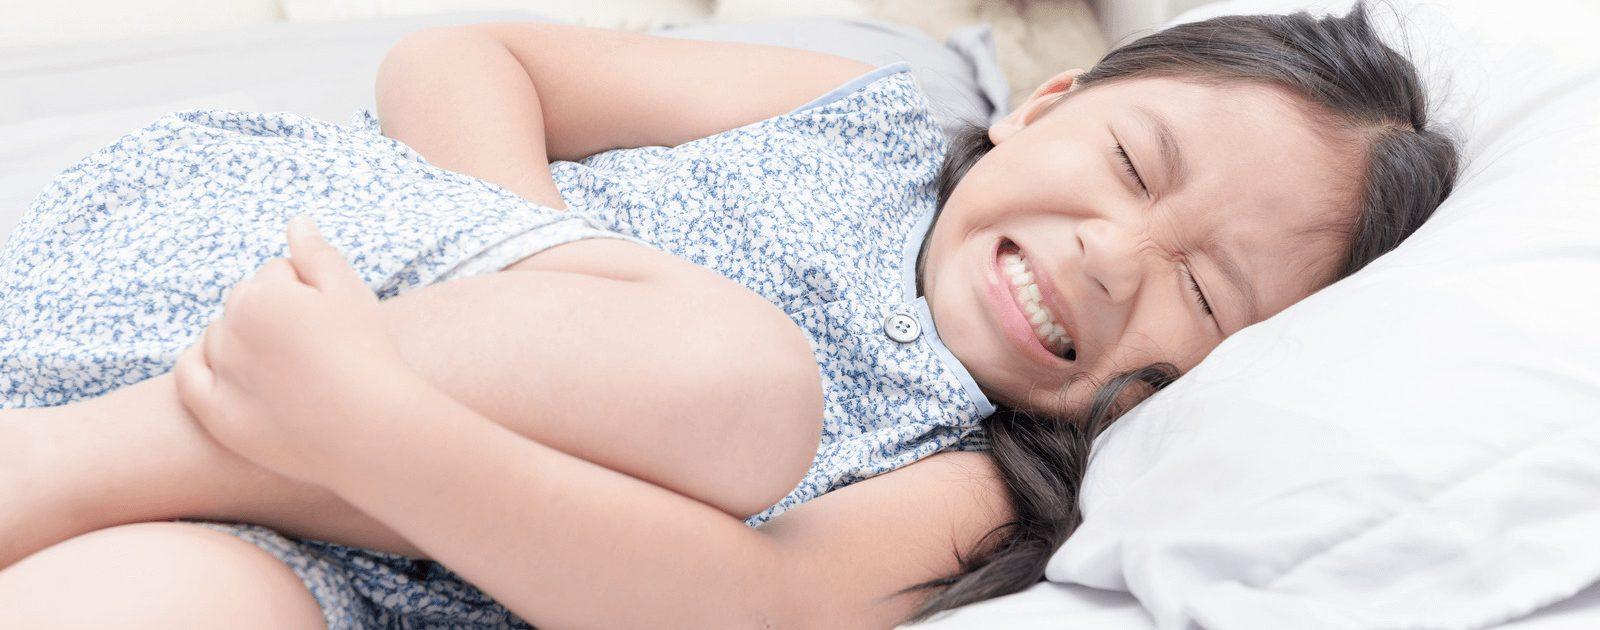 Die Ursache von Bauchkrämpfen bei Babys und Kindern sollten ärztlich abgeklärt werden